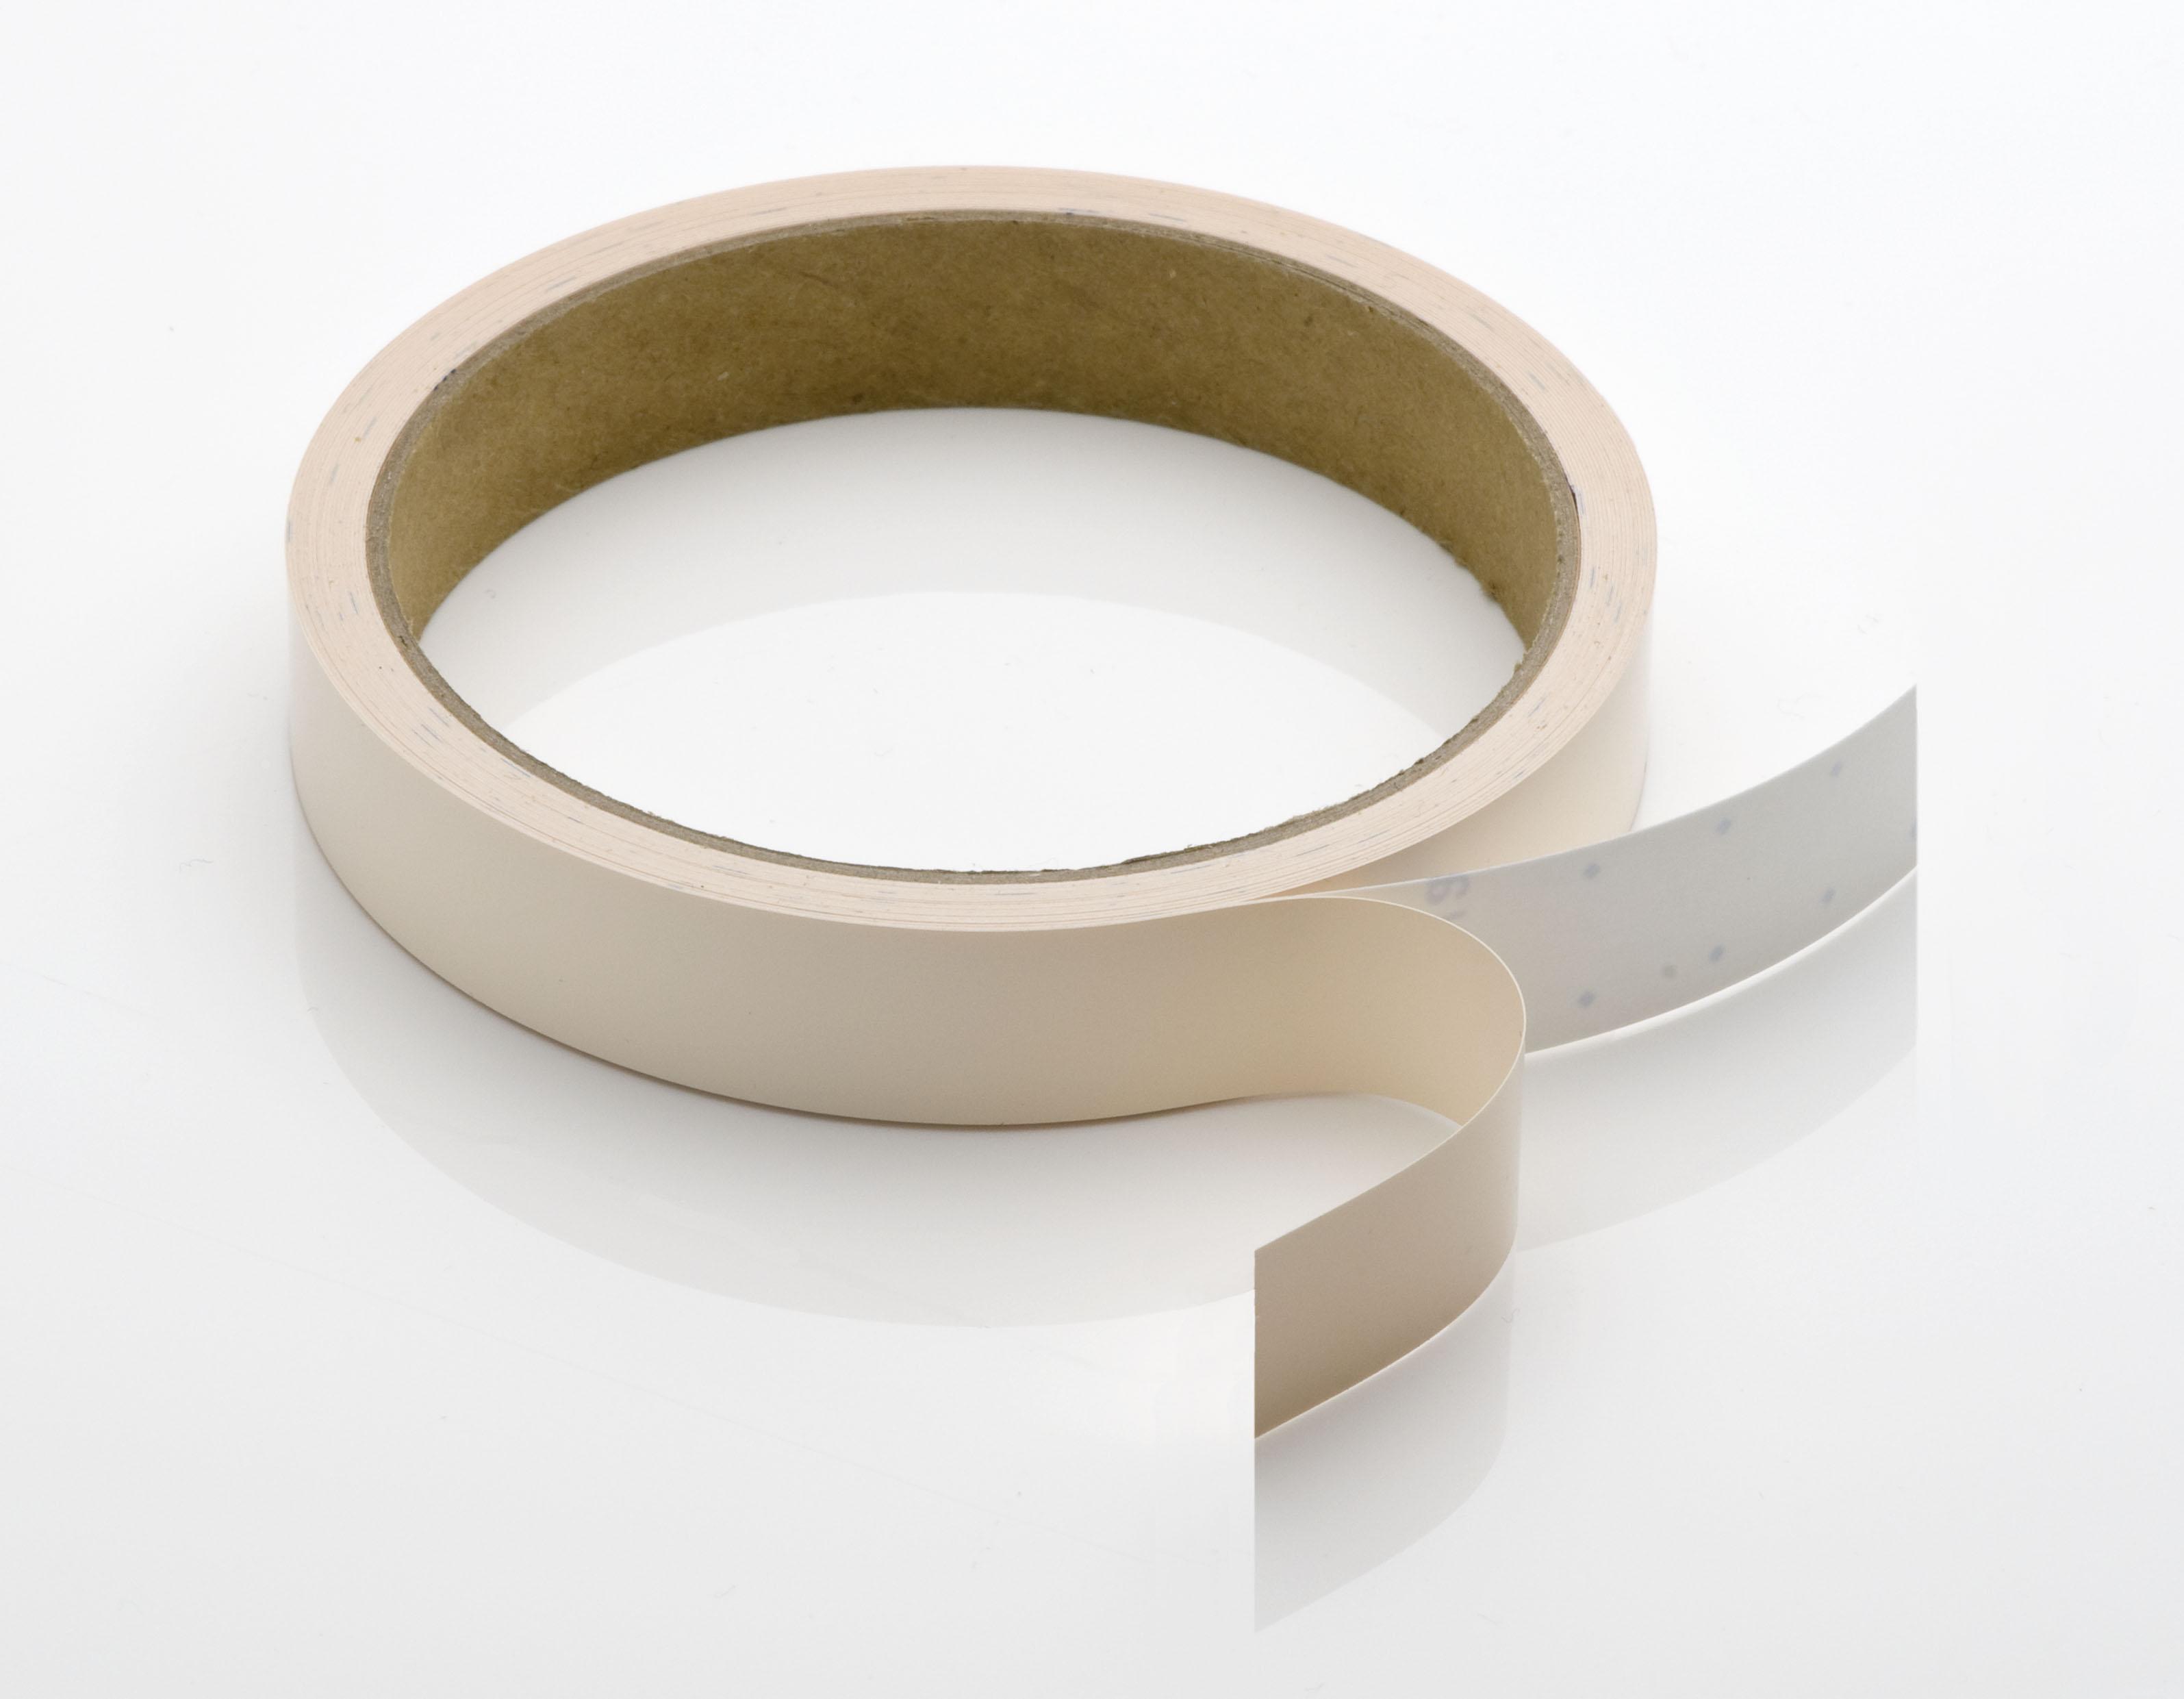 【カッティングシートテープ】 282パウダービーン  /15mm×5m巻【ゆうパケット可】